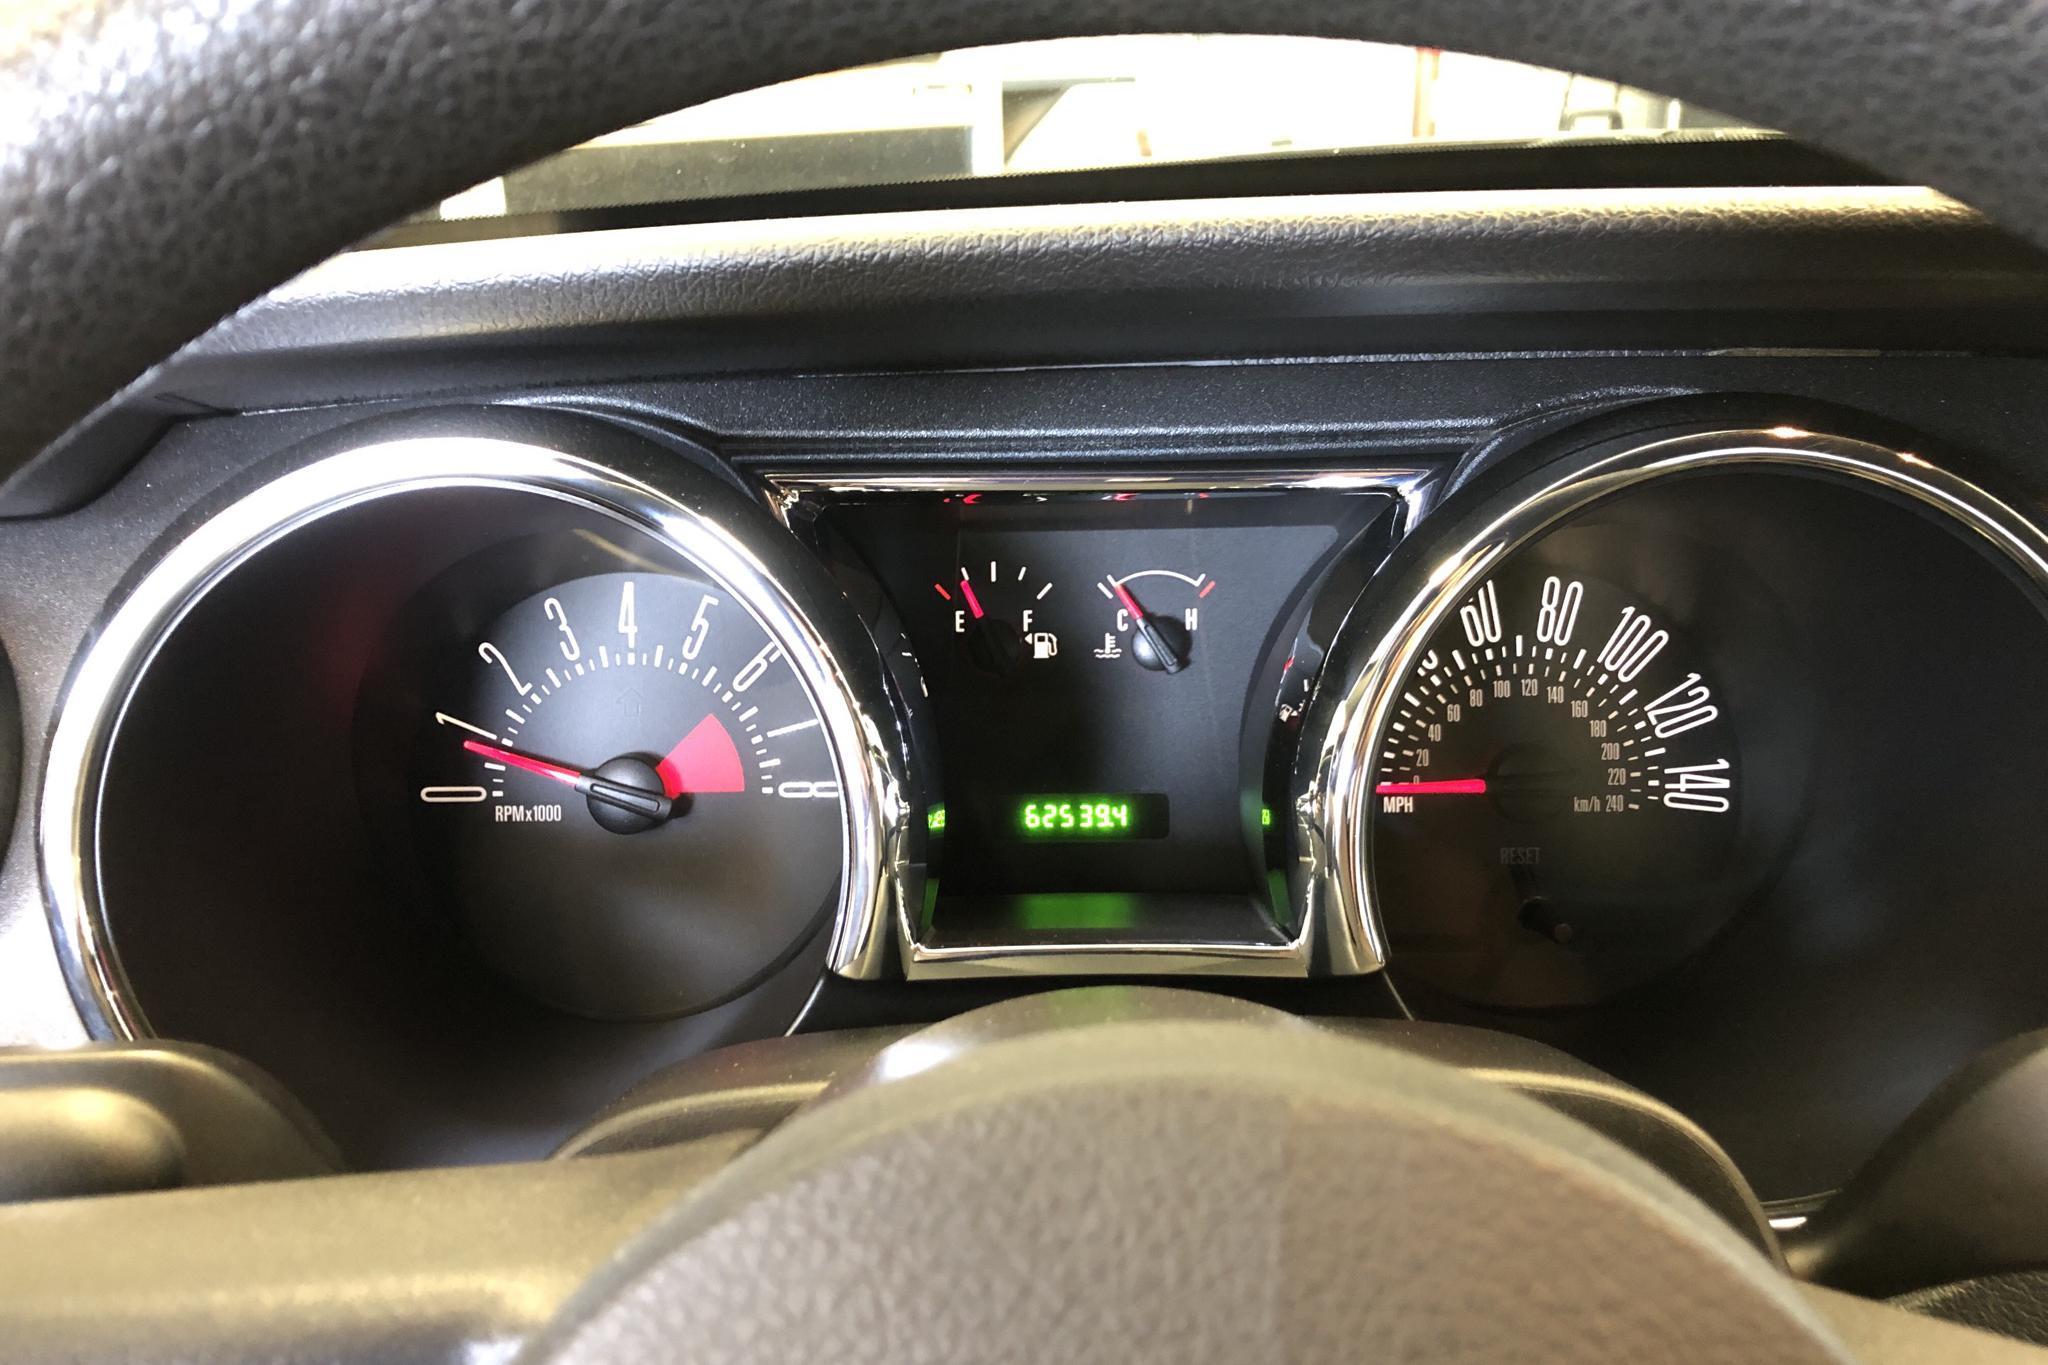 Ford Mustang GT 4.6 V8 Coupé (300hk) - 10 065 mil - Automat - svart - 2005